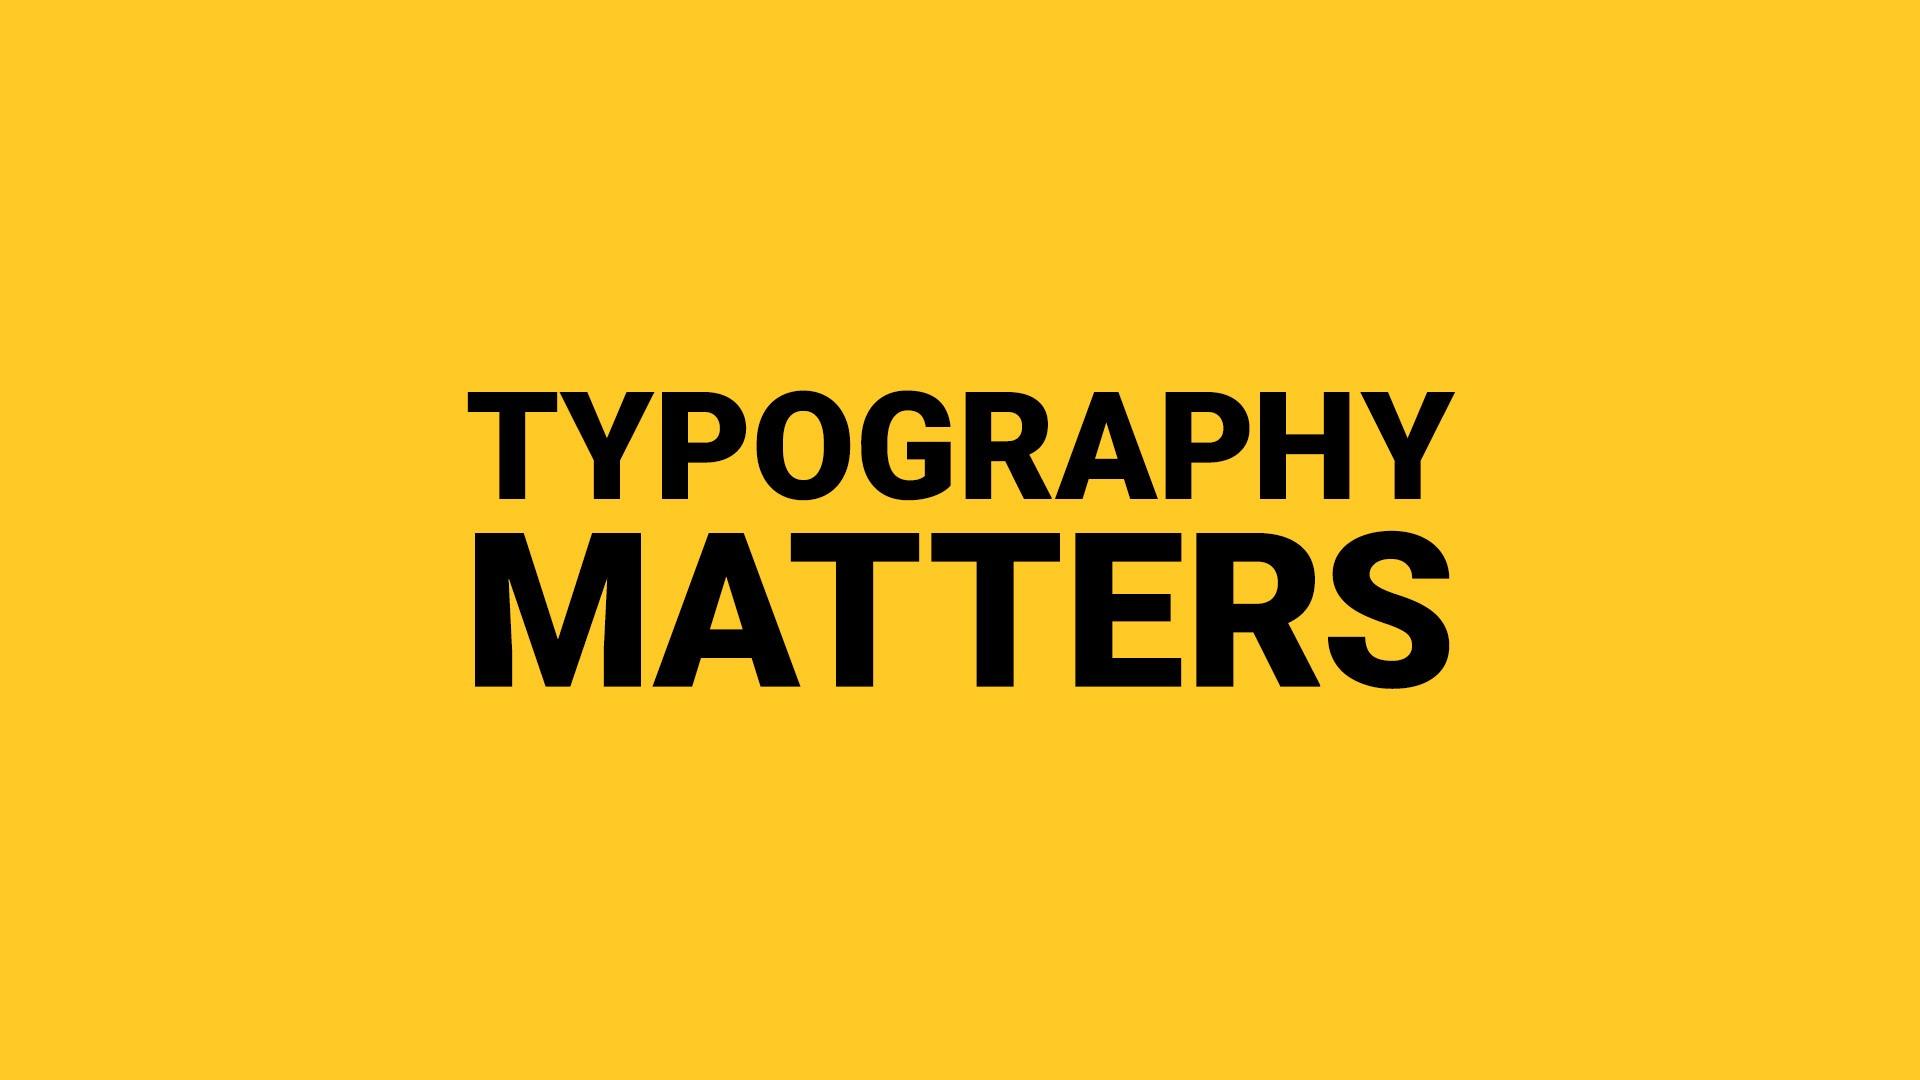 [UI Design] 10 lời khuyên giúp cải thiện Typography trên web